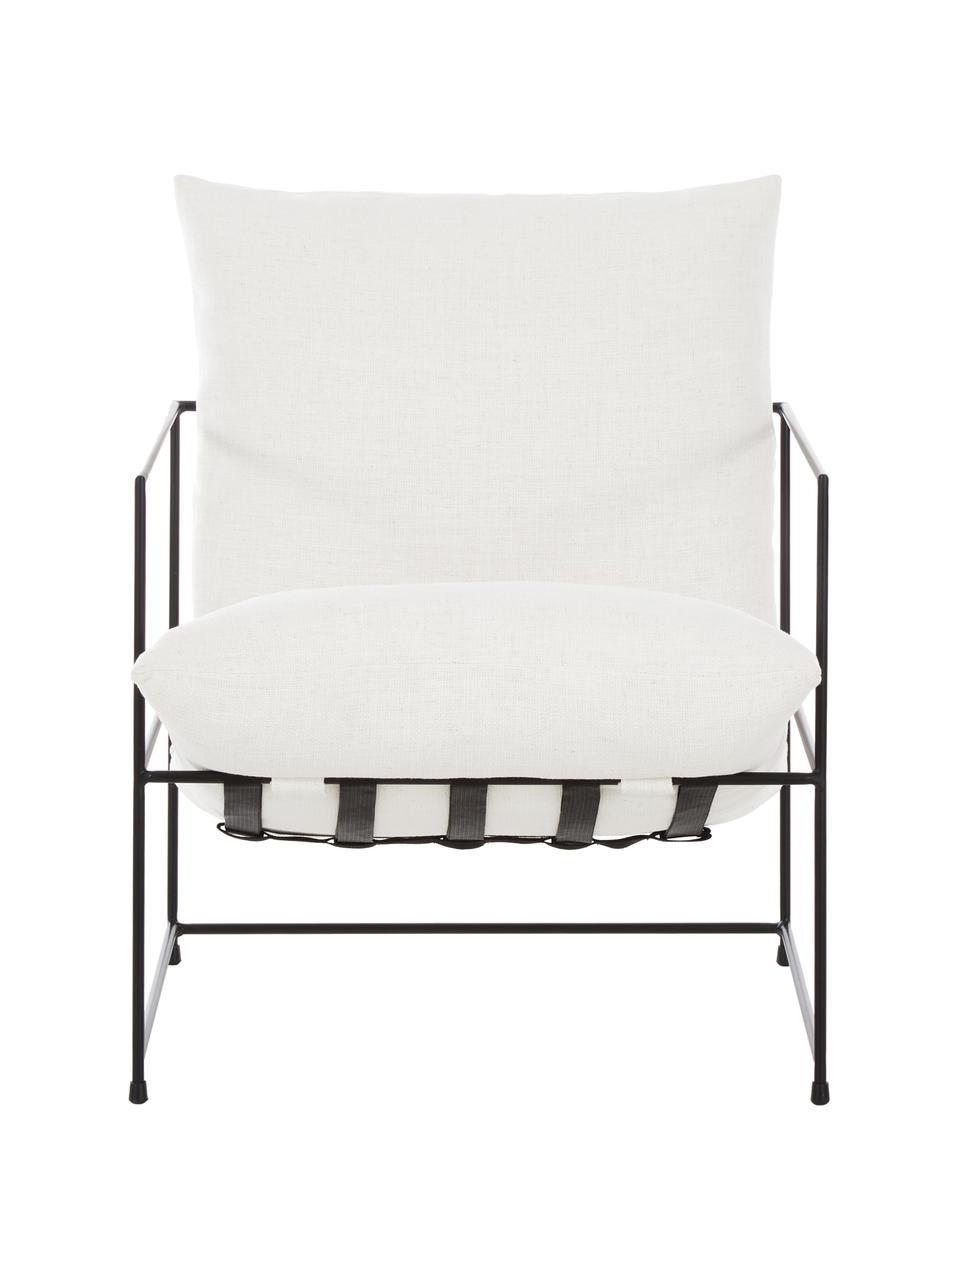 Fauteuil lounge avec structure en métal Wayne, Tissu blanc